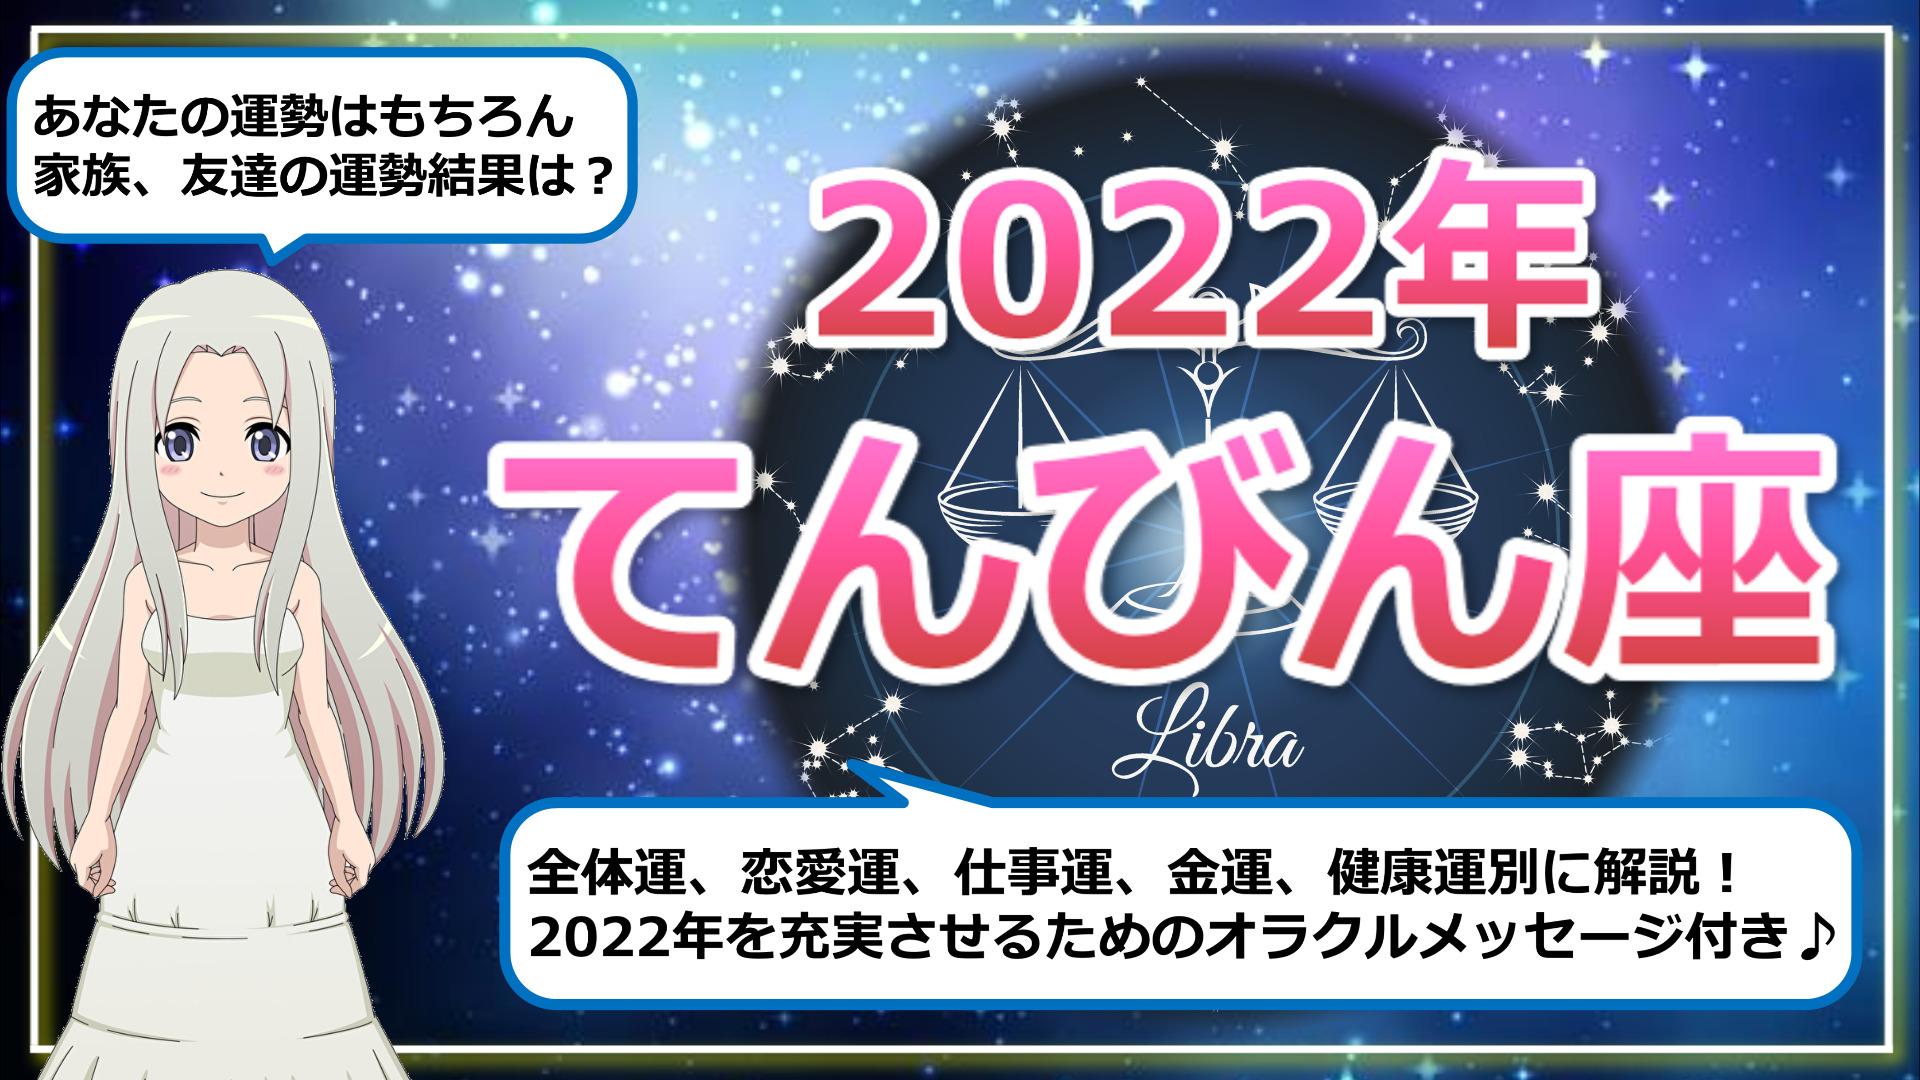 【2022年のてんびん座の運勢】自分の可能性を信じて羽ばたきたい1年にのアイキャッチ画像